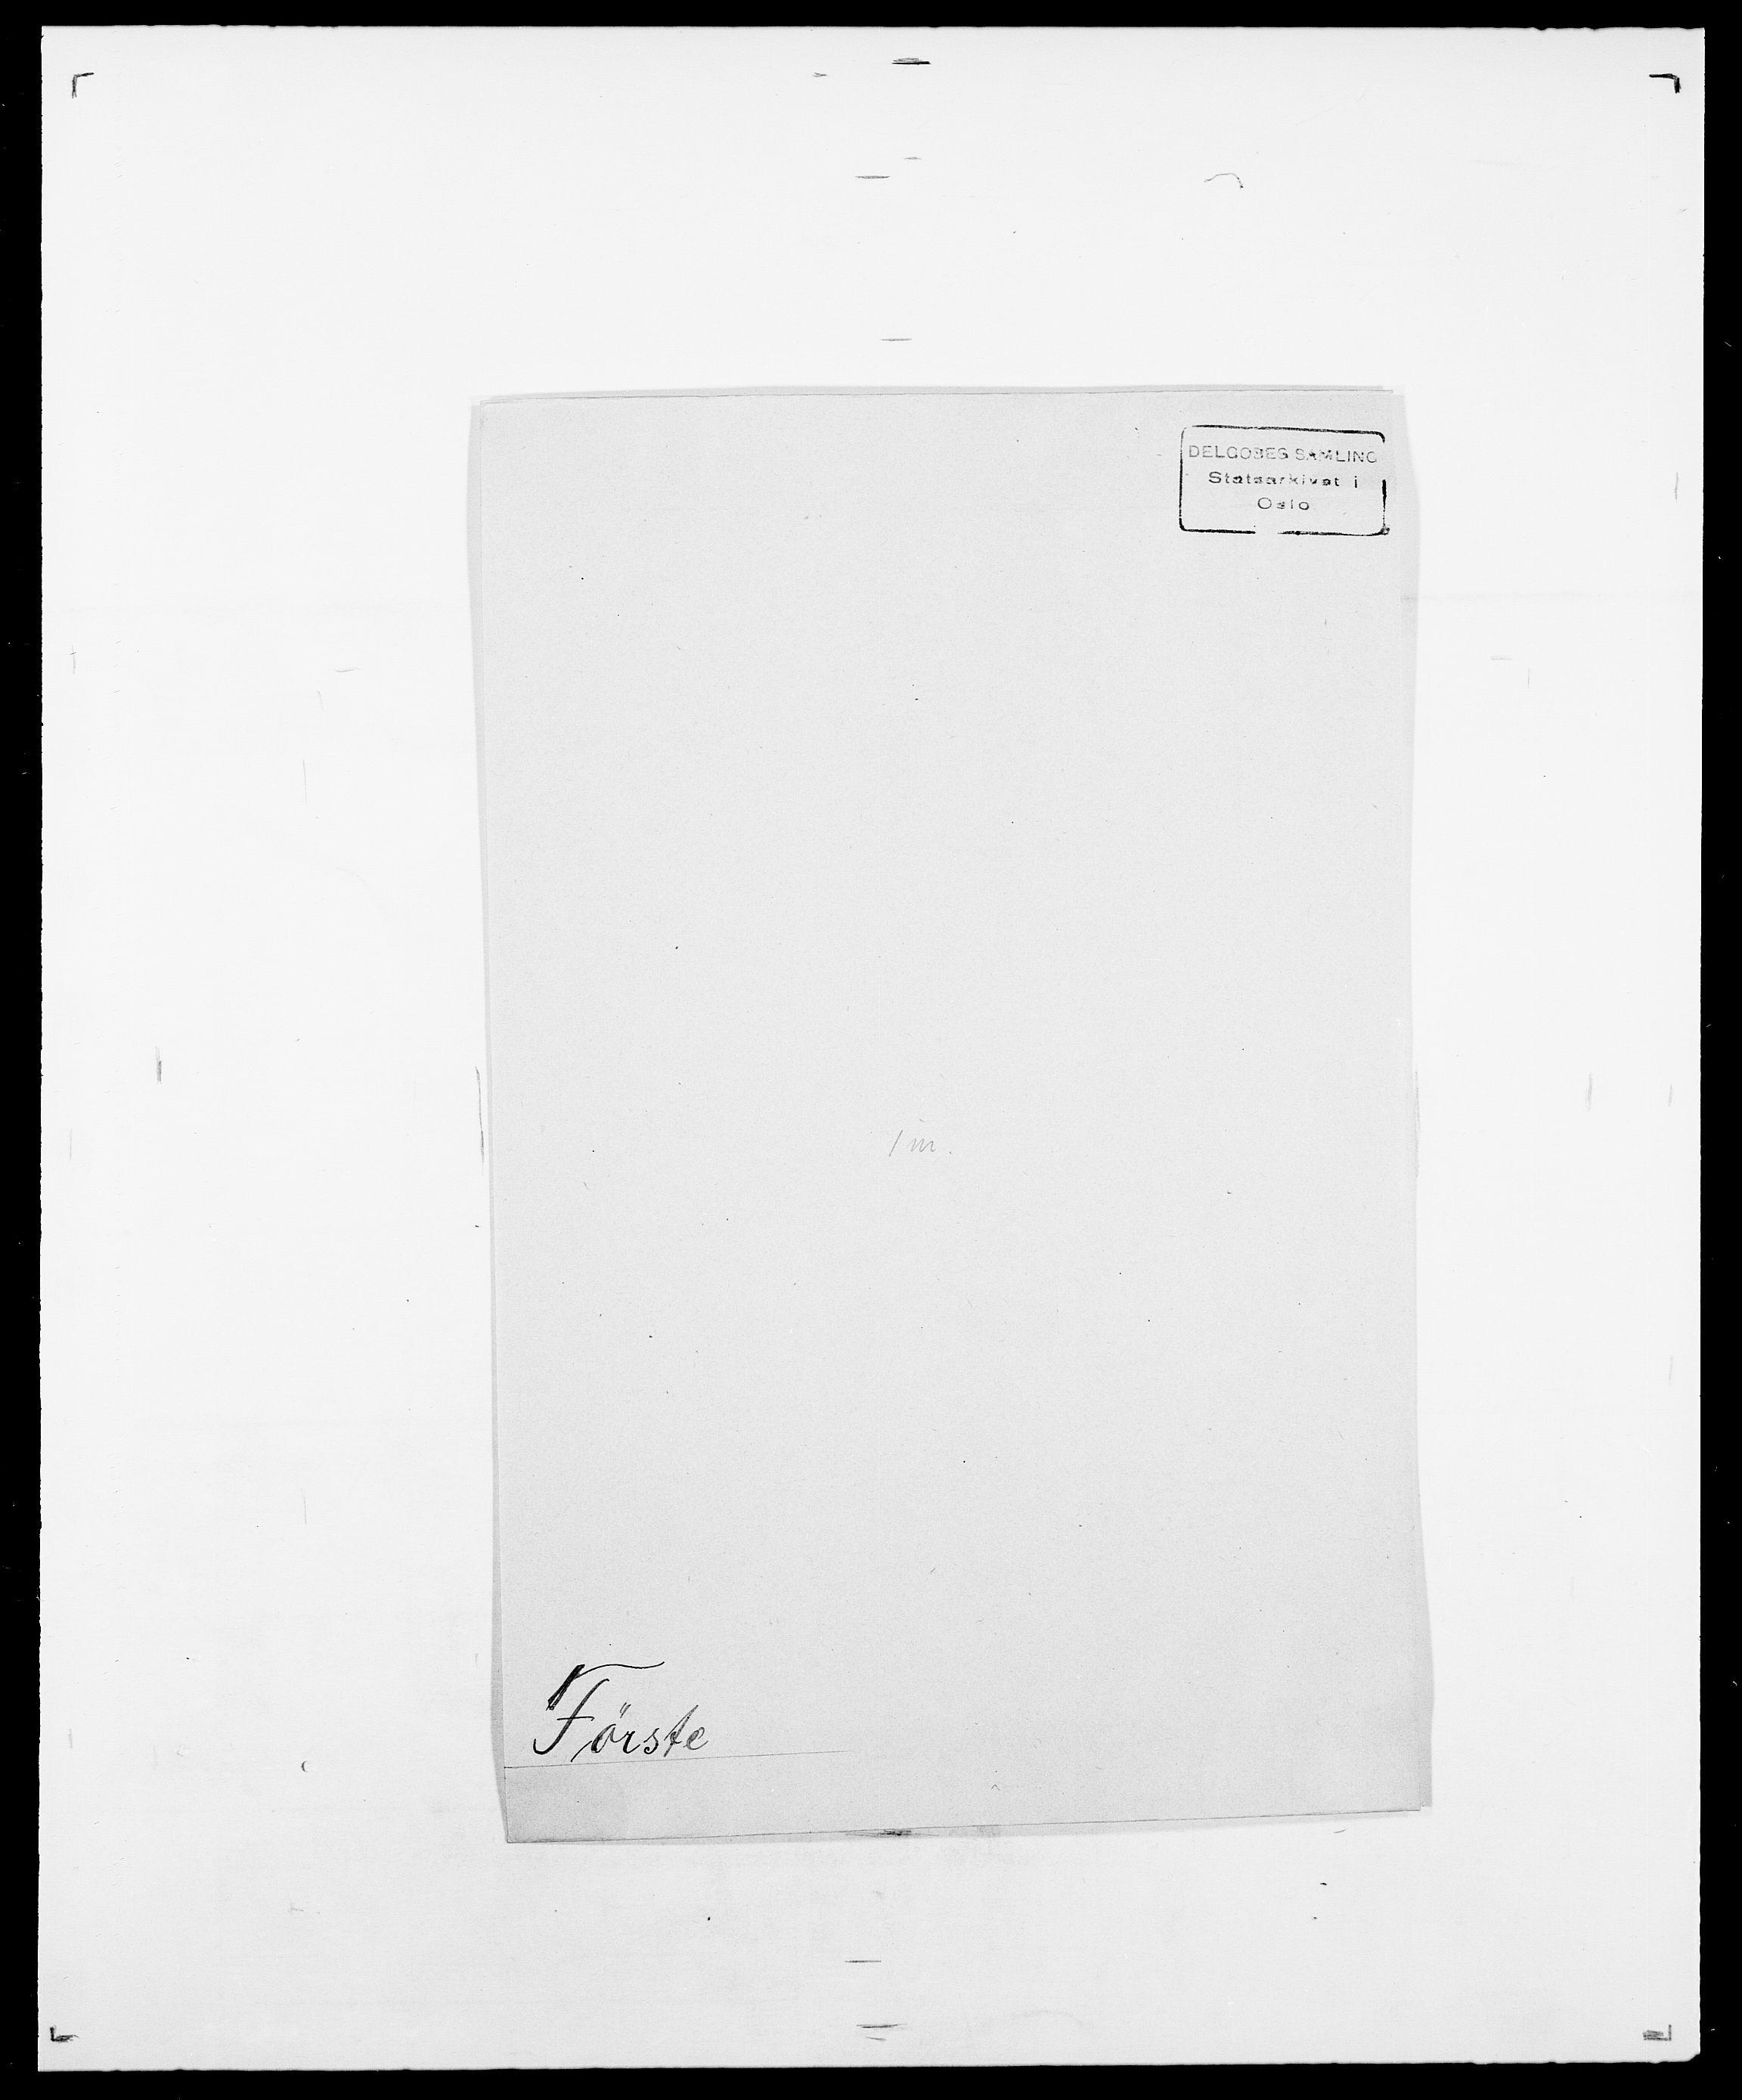 SAO, Delgobe, Charles Antoine - samling, D/Da/L0013: Forbos - Geving, s. 298